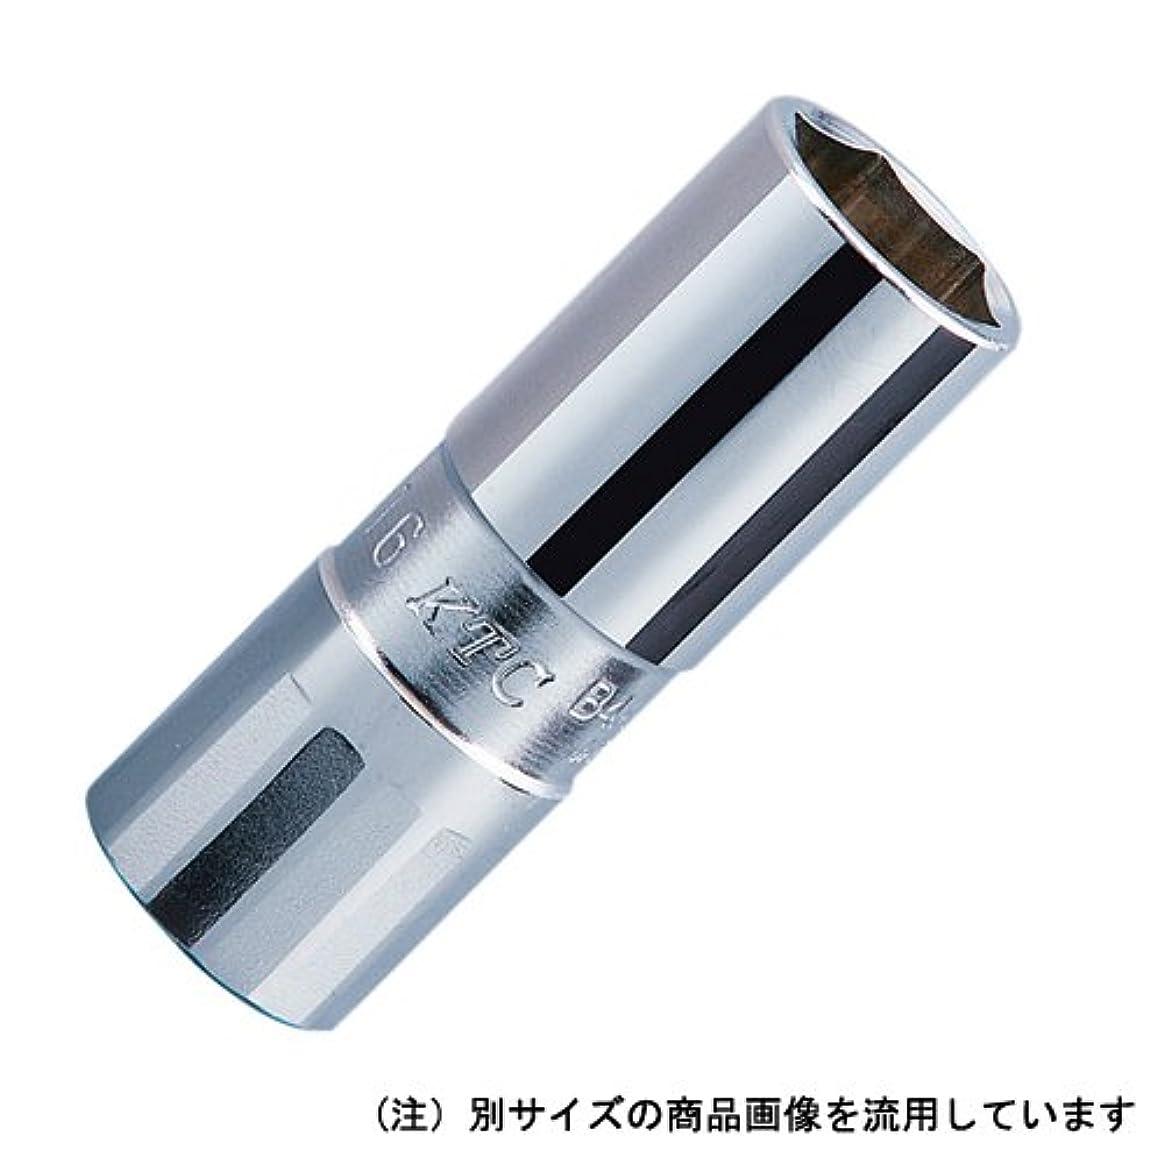 迅速国勢調査慣性KTC(ケーテーシー) プラグレンチ 12.7mm (1/2インチ) B4A-19P-H